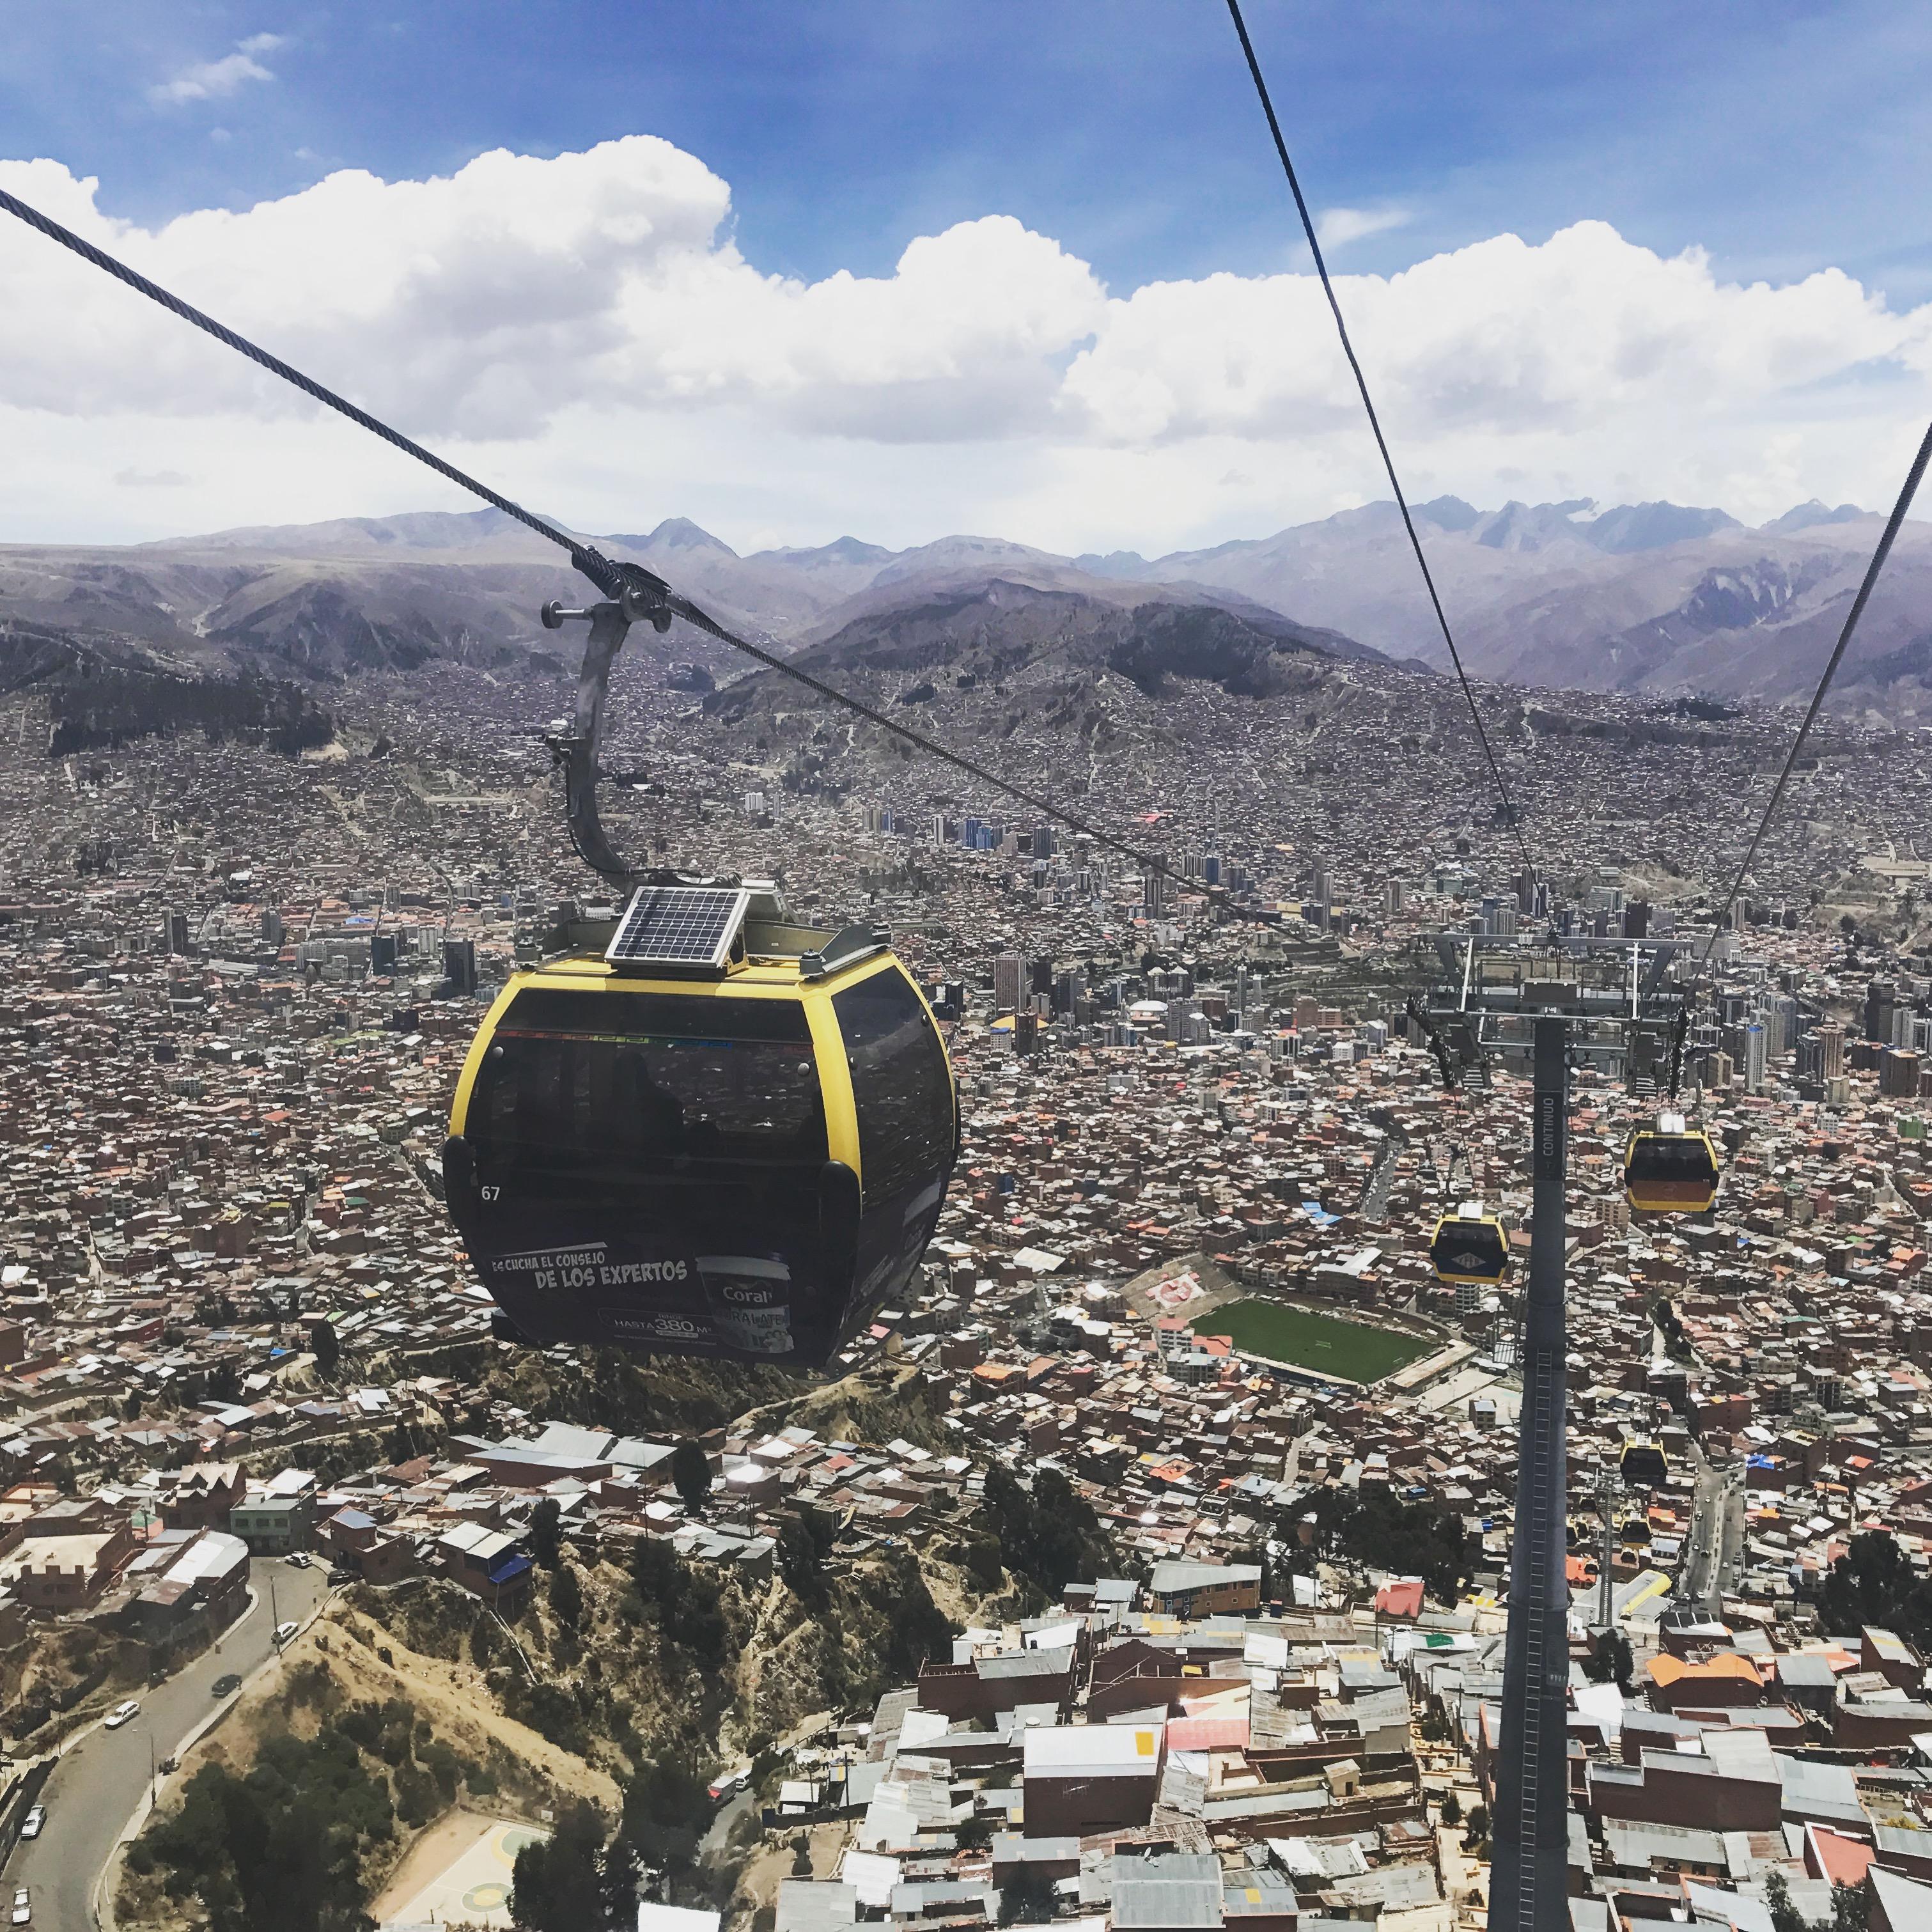 Teleferica_La_Paz.jpg